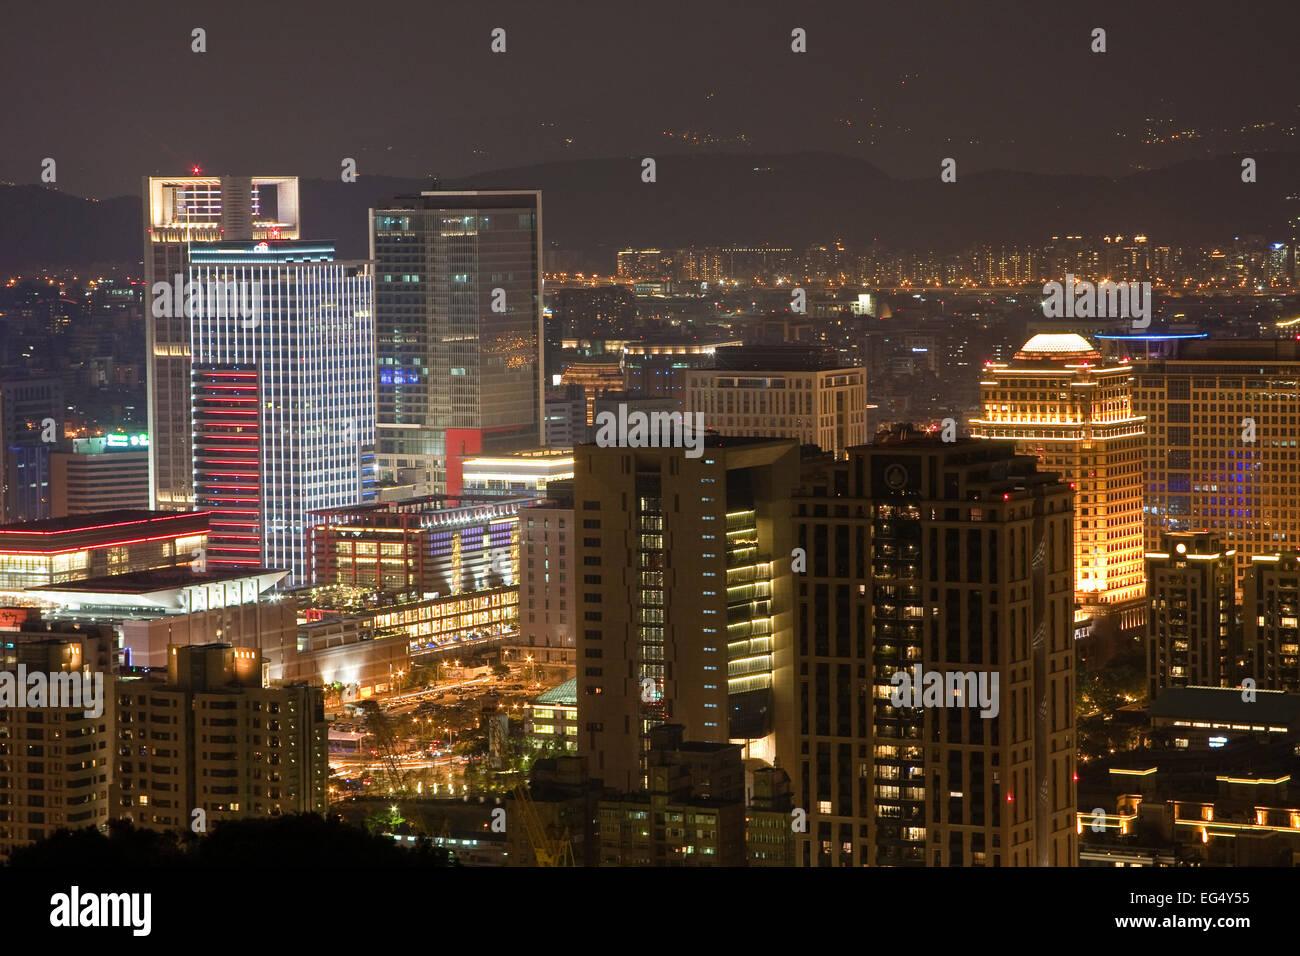 View from Taipeh Tower 101 Tower at Night, Taipei, Taiwan, China, Asia - Stock Image